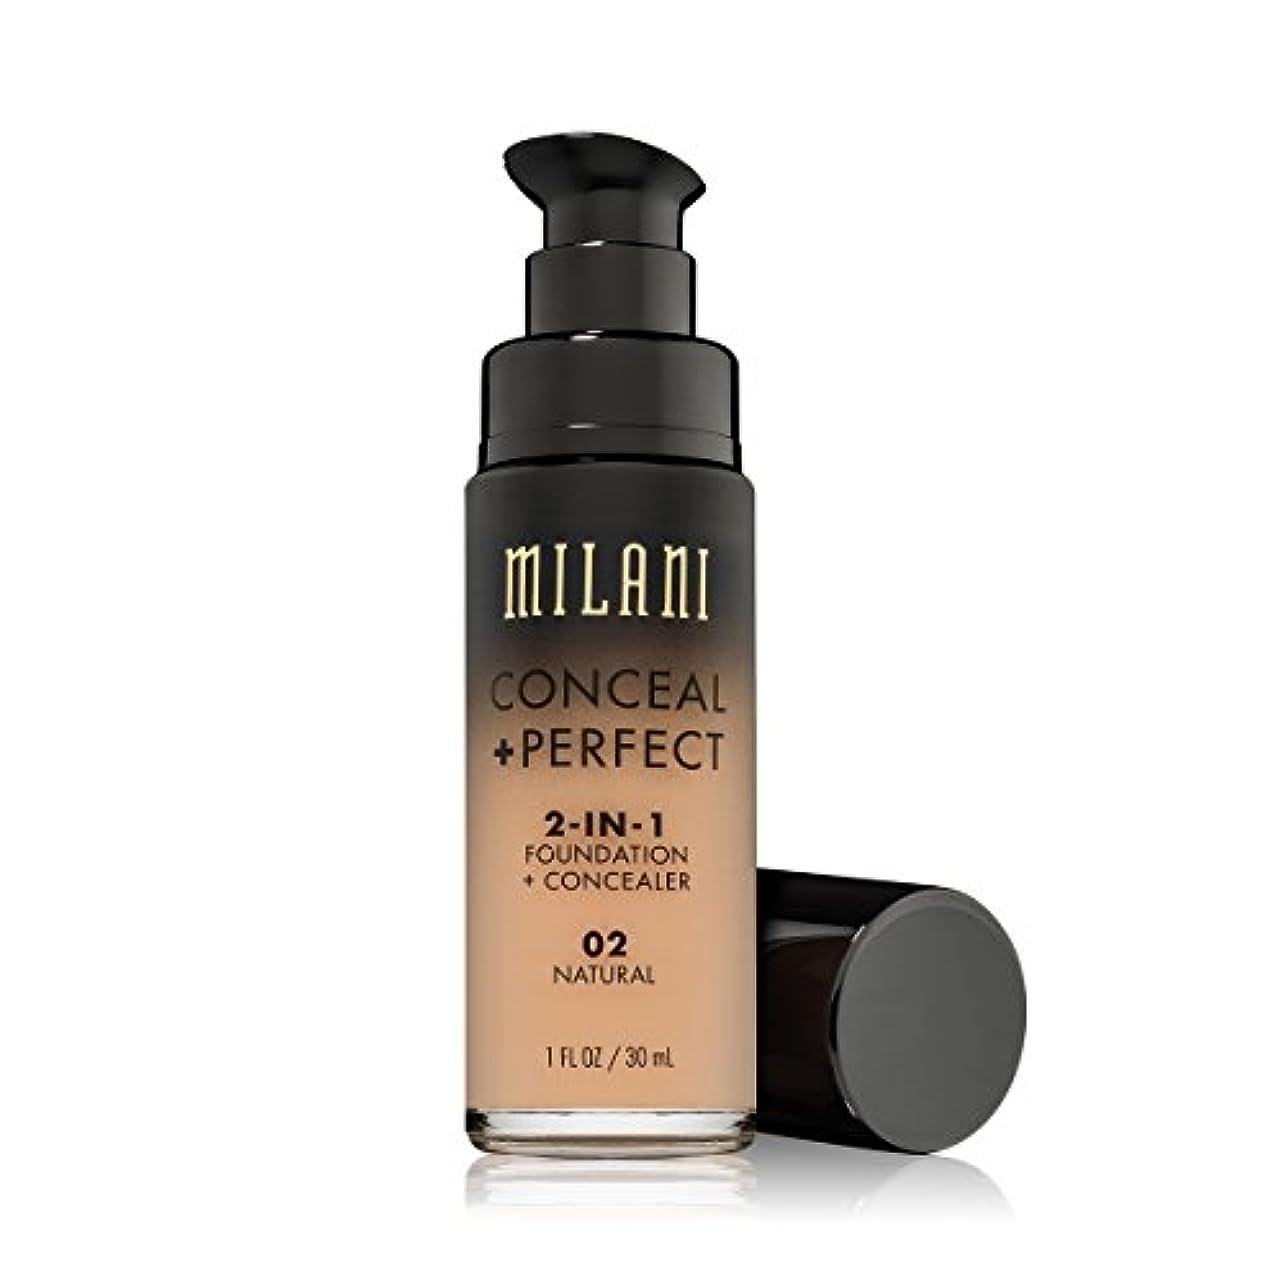 電圧ライバル政治家のMILANI Conceal + Perfect 2-In-1 Foundation + Concealer - Natural (並行輸入品)